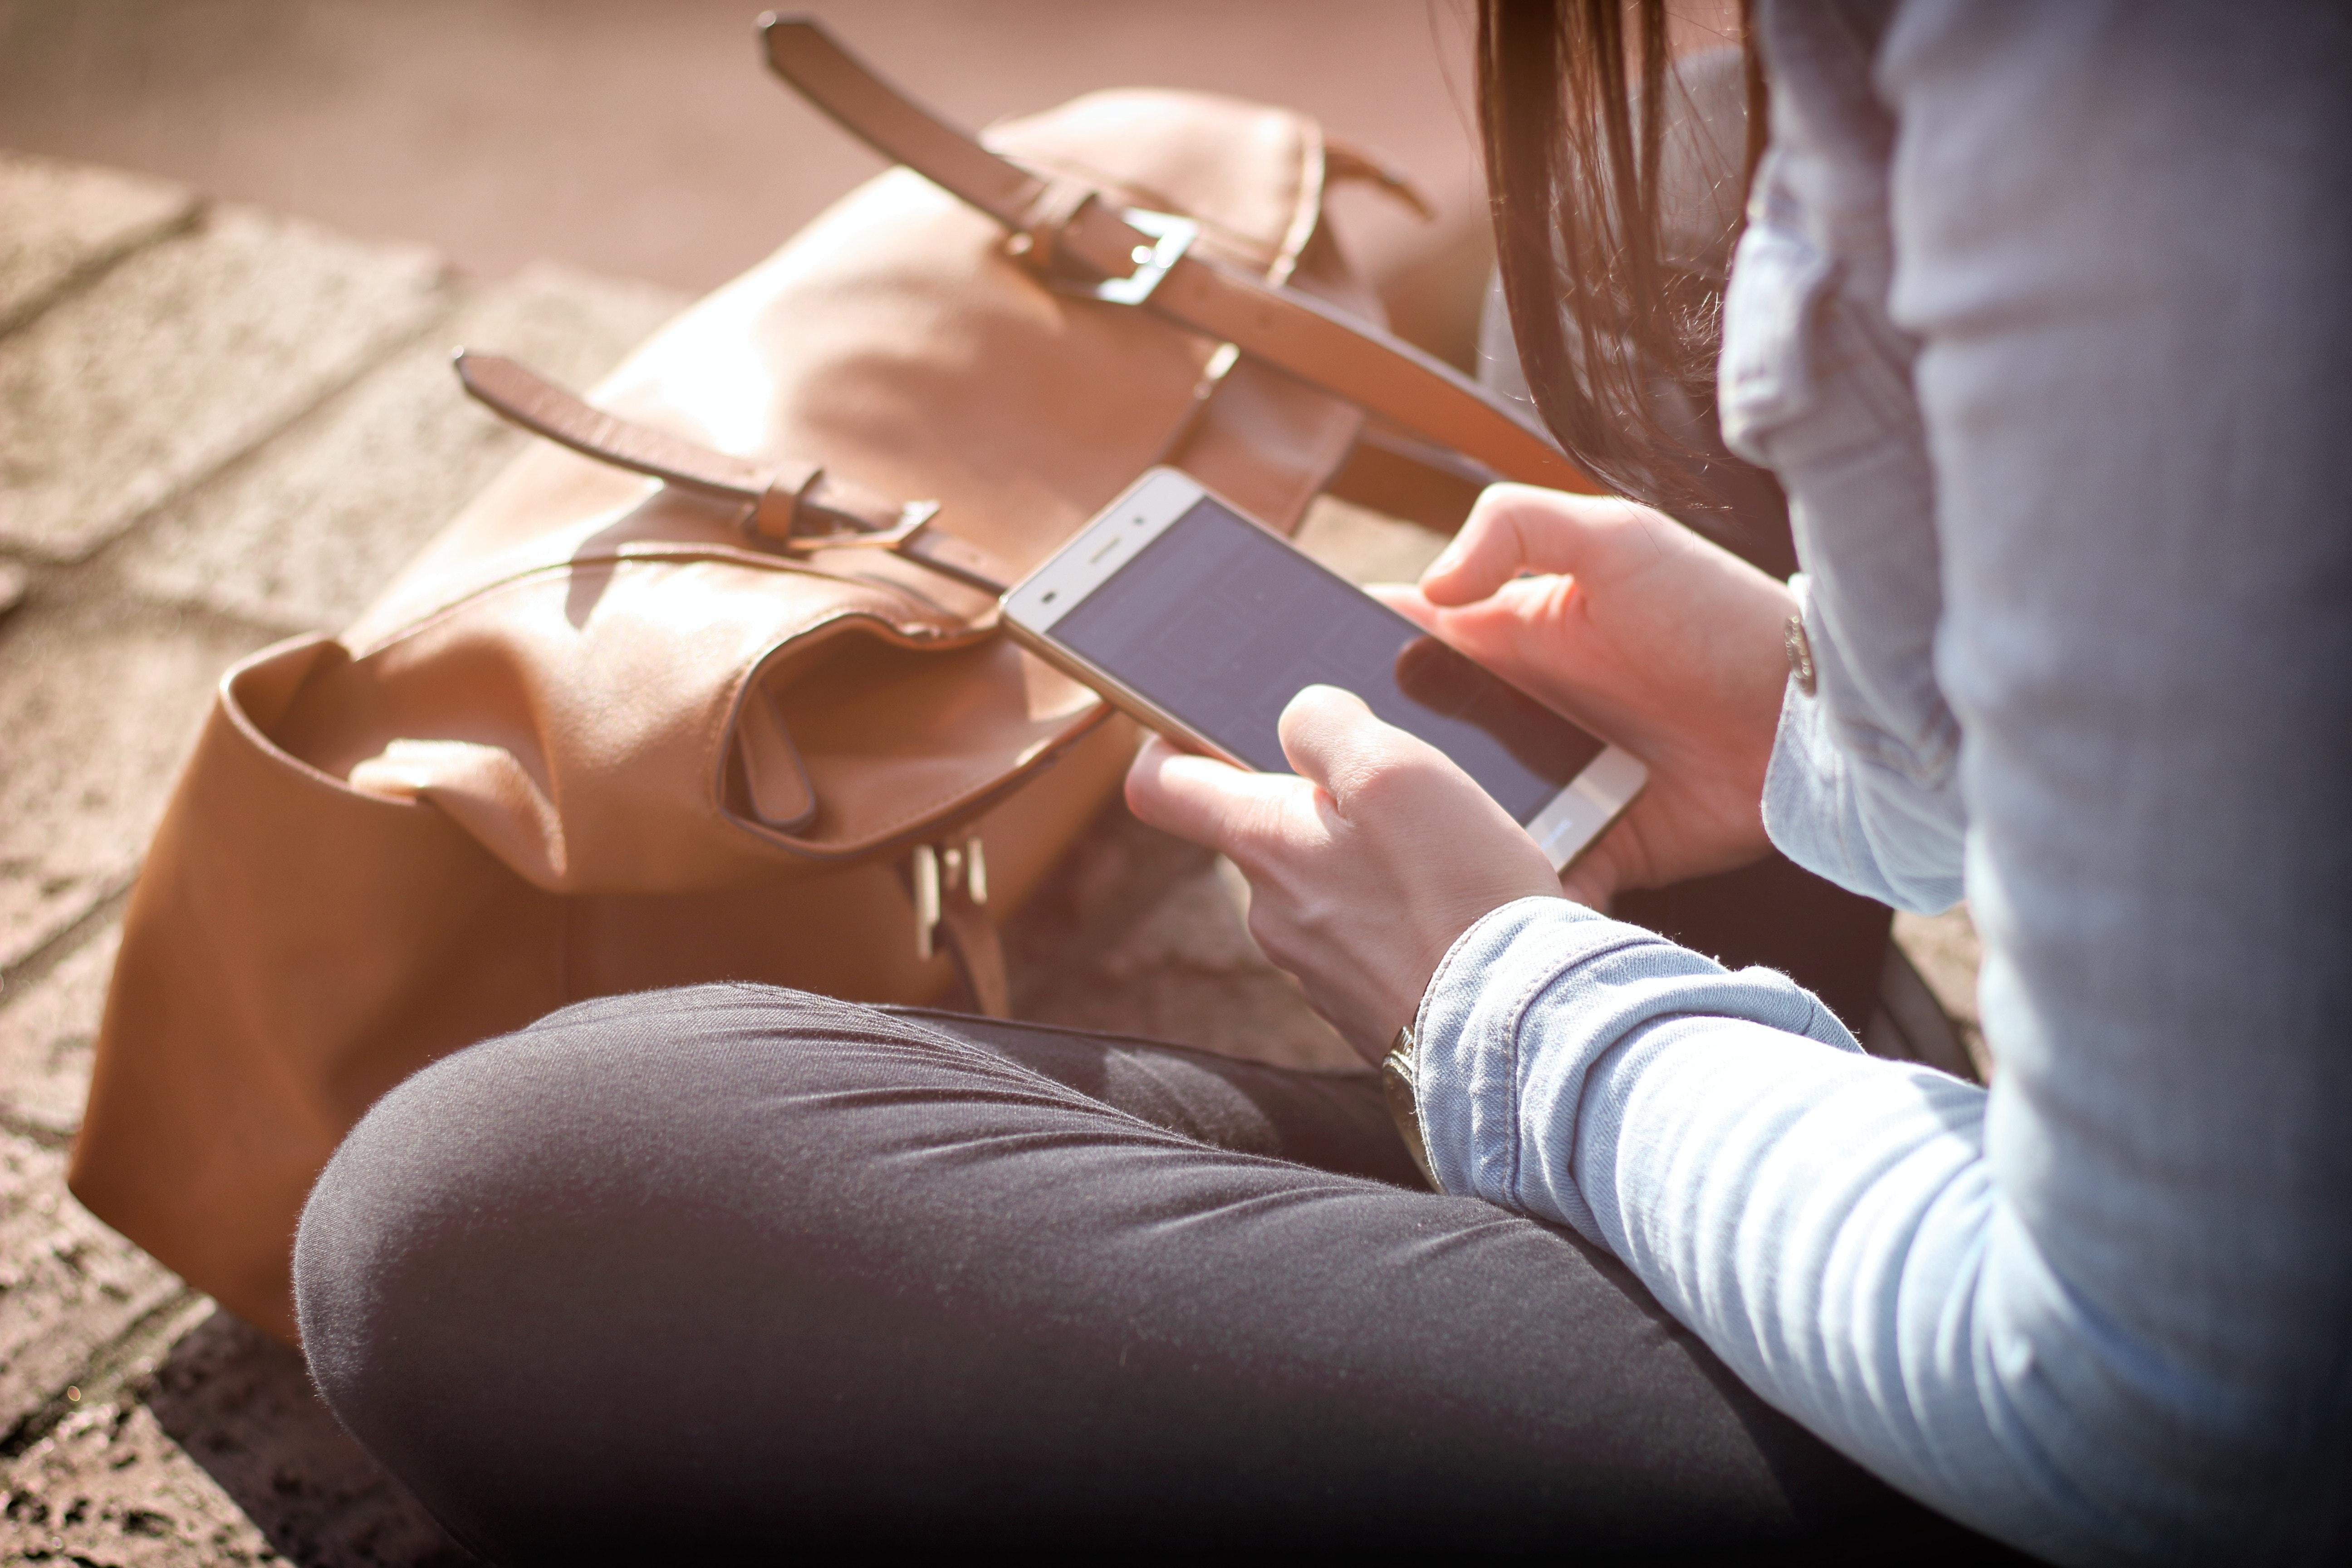 Hållbart att köpa begagnade mobiltelefoner